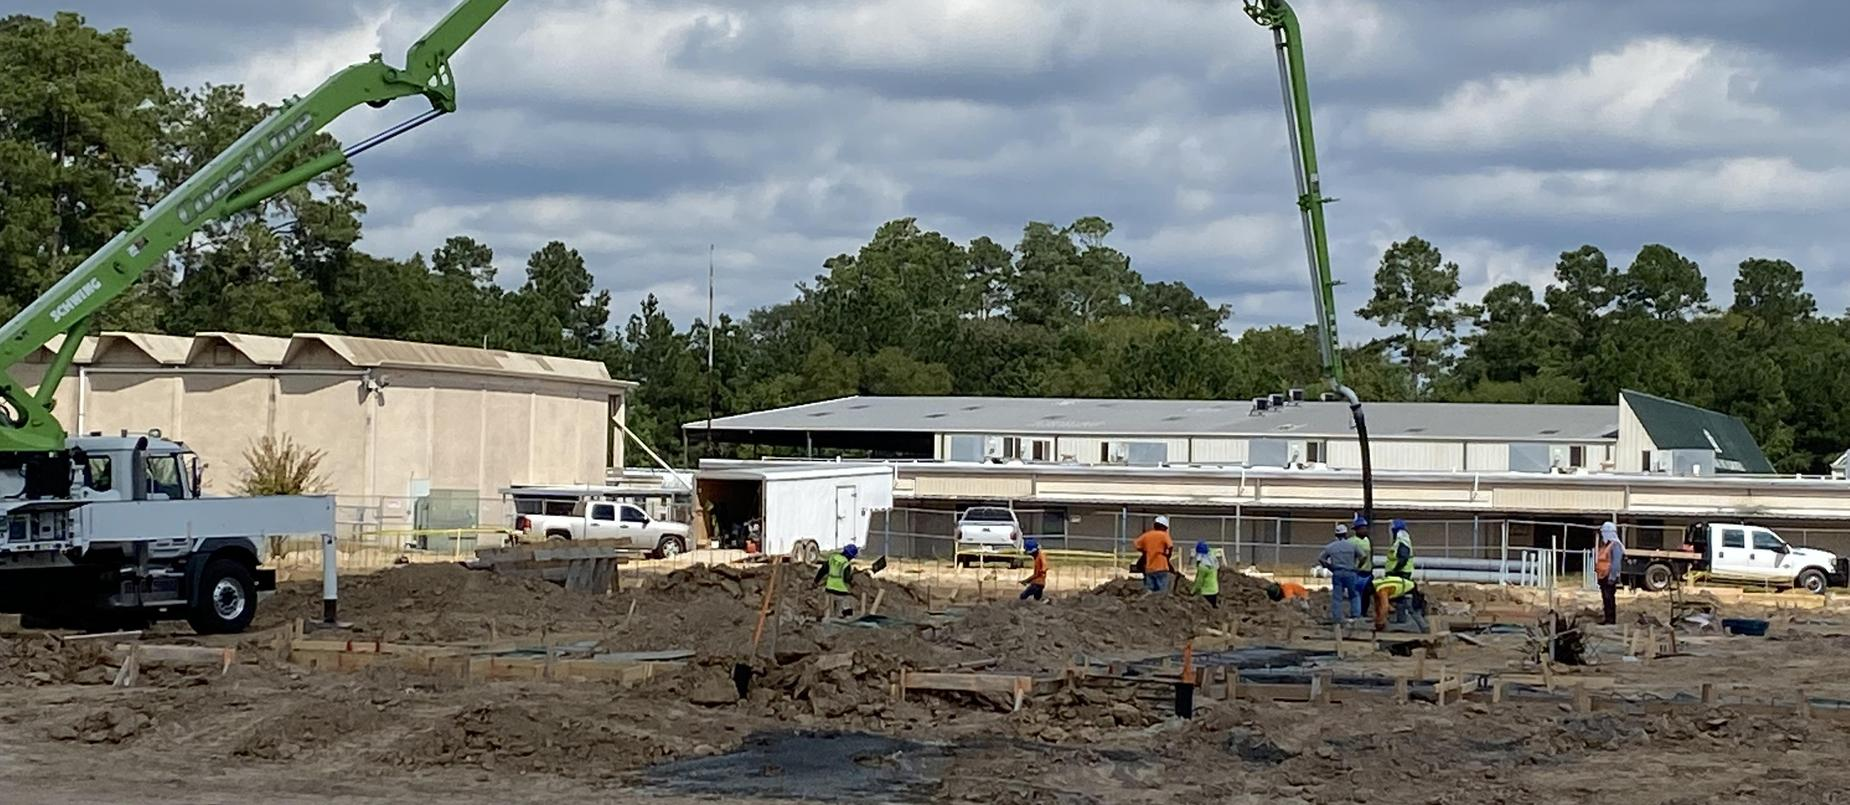 New EC Campus Bond Project